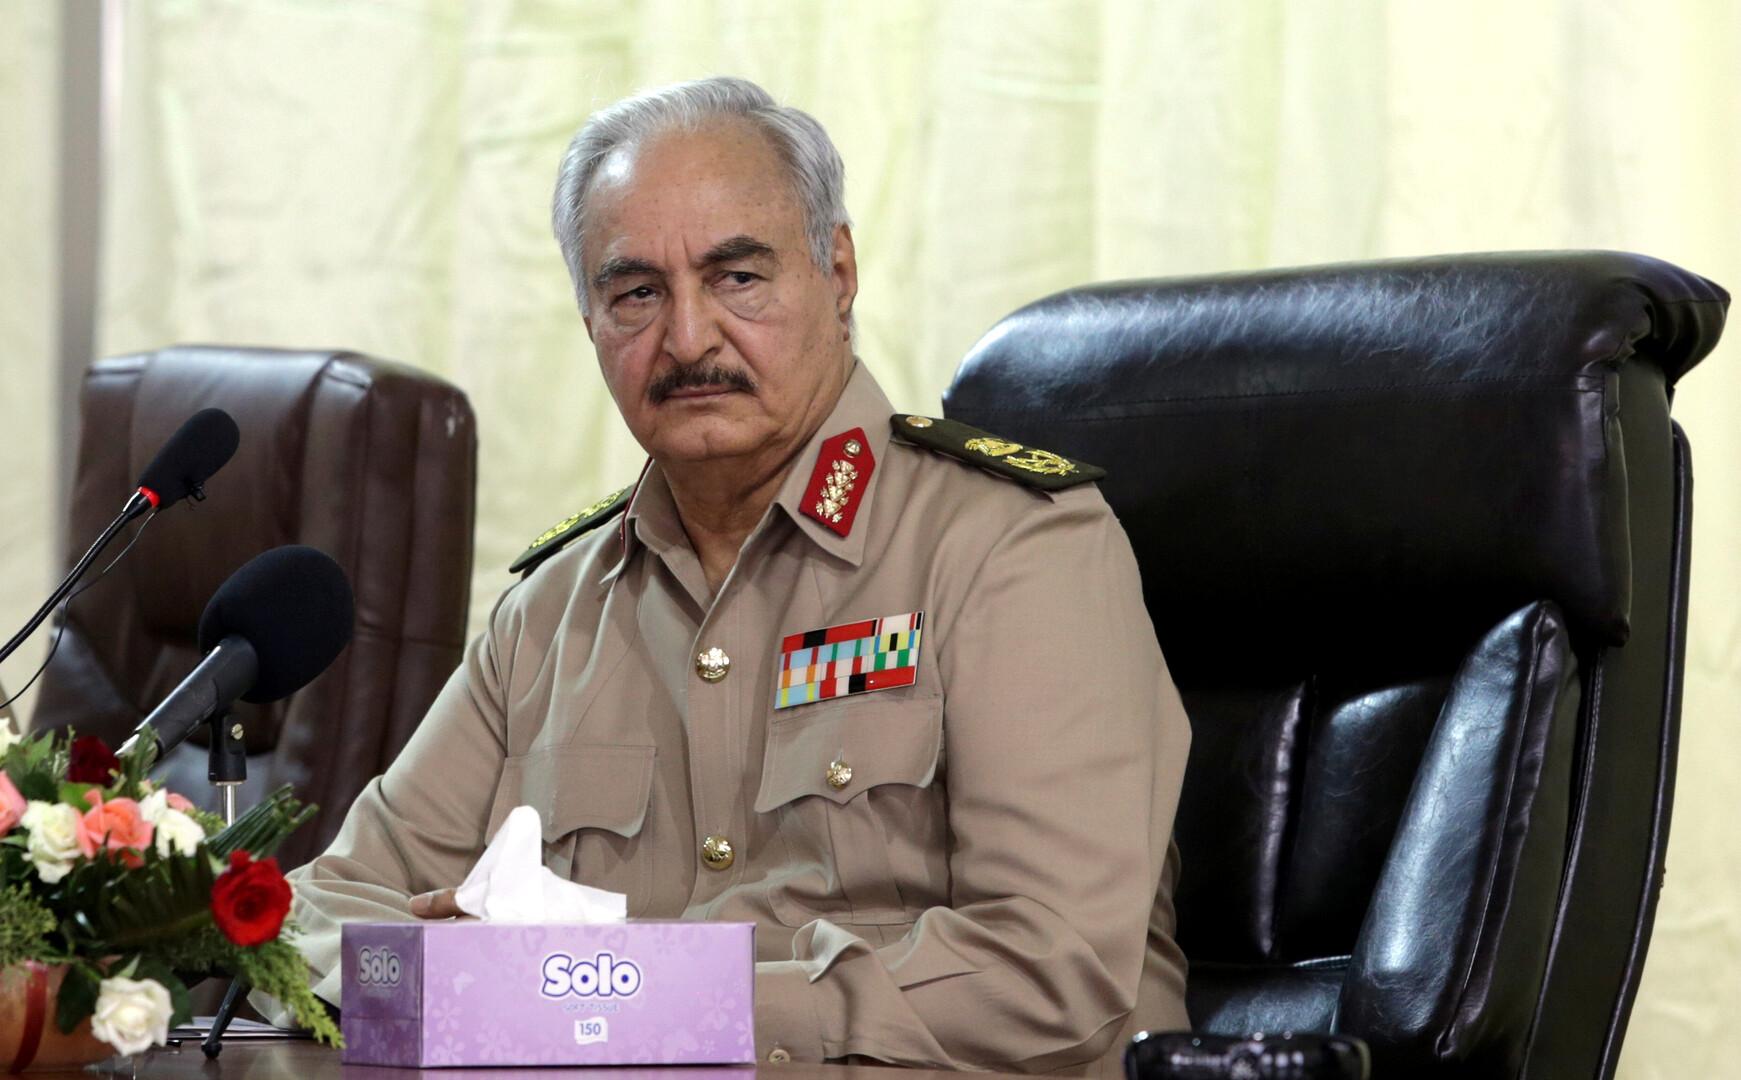 حفتر: نستطيع السيطرة على طرابلس في يومين عبر اجتياح كاسح بأسلحة ثقيلة